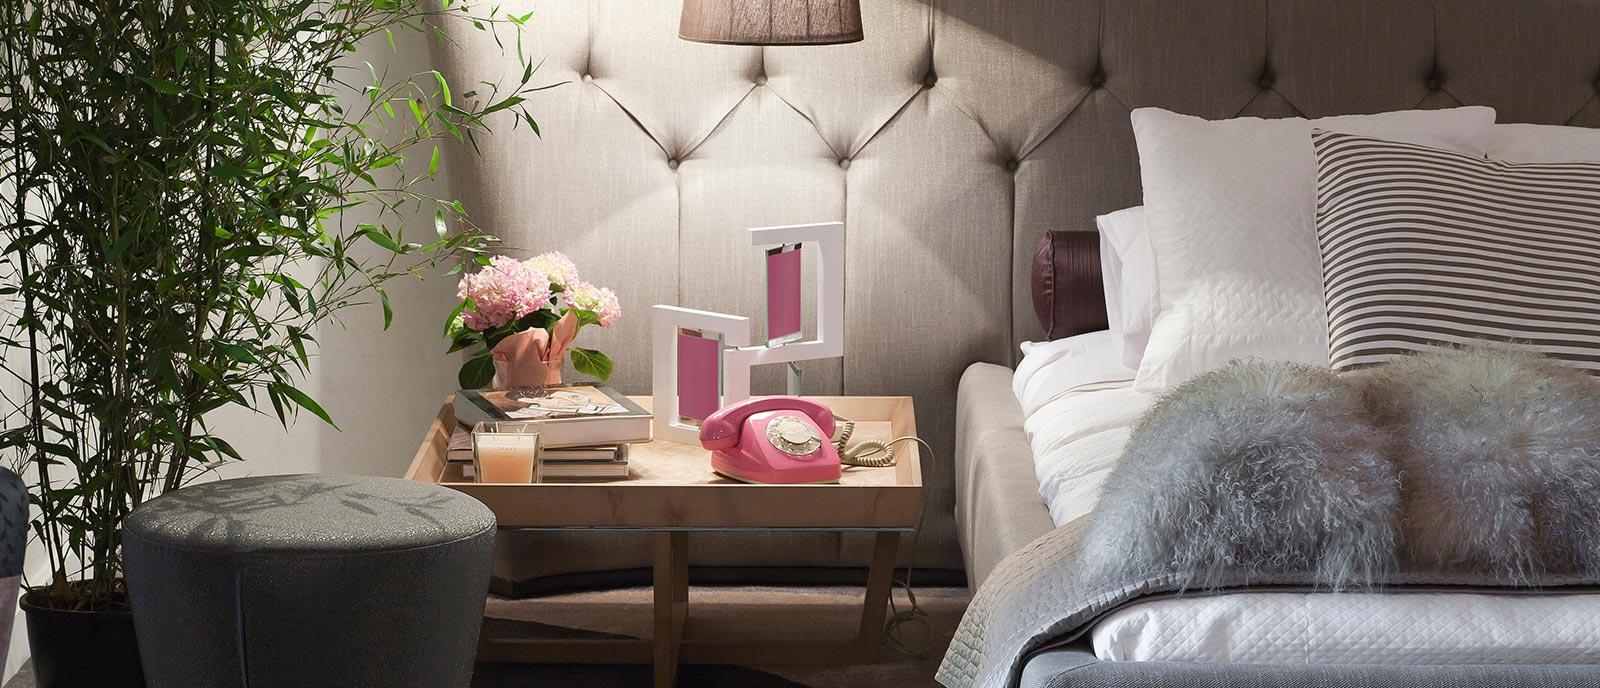 Suite con tres ambientes – «La vie en rose»